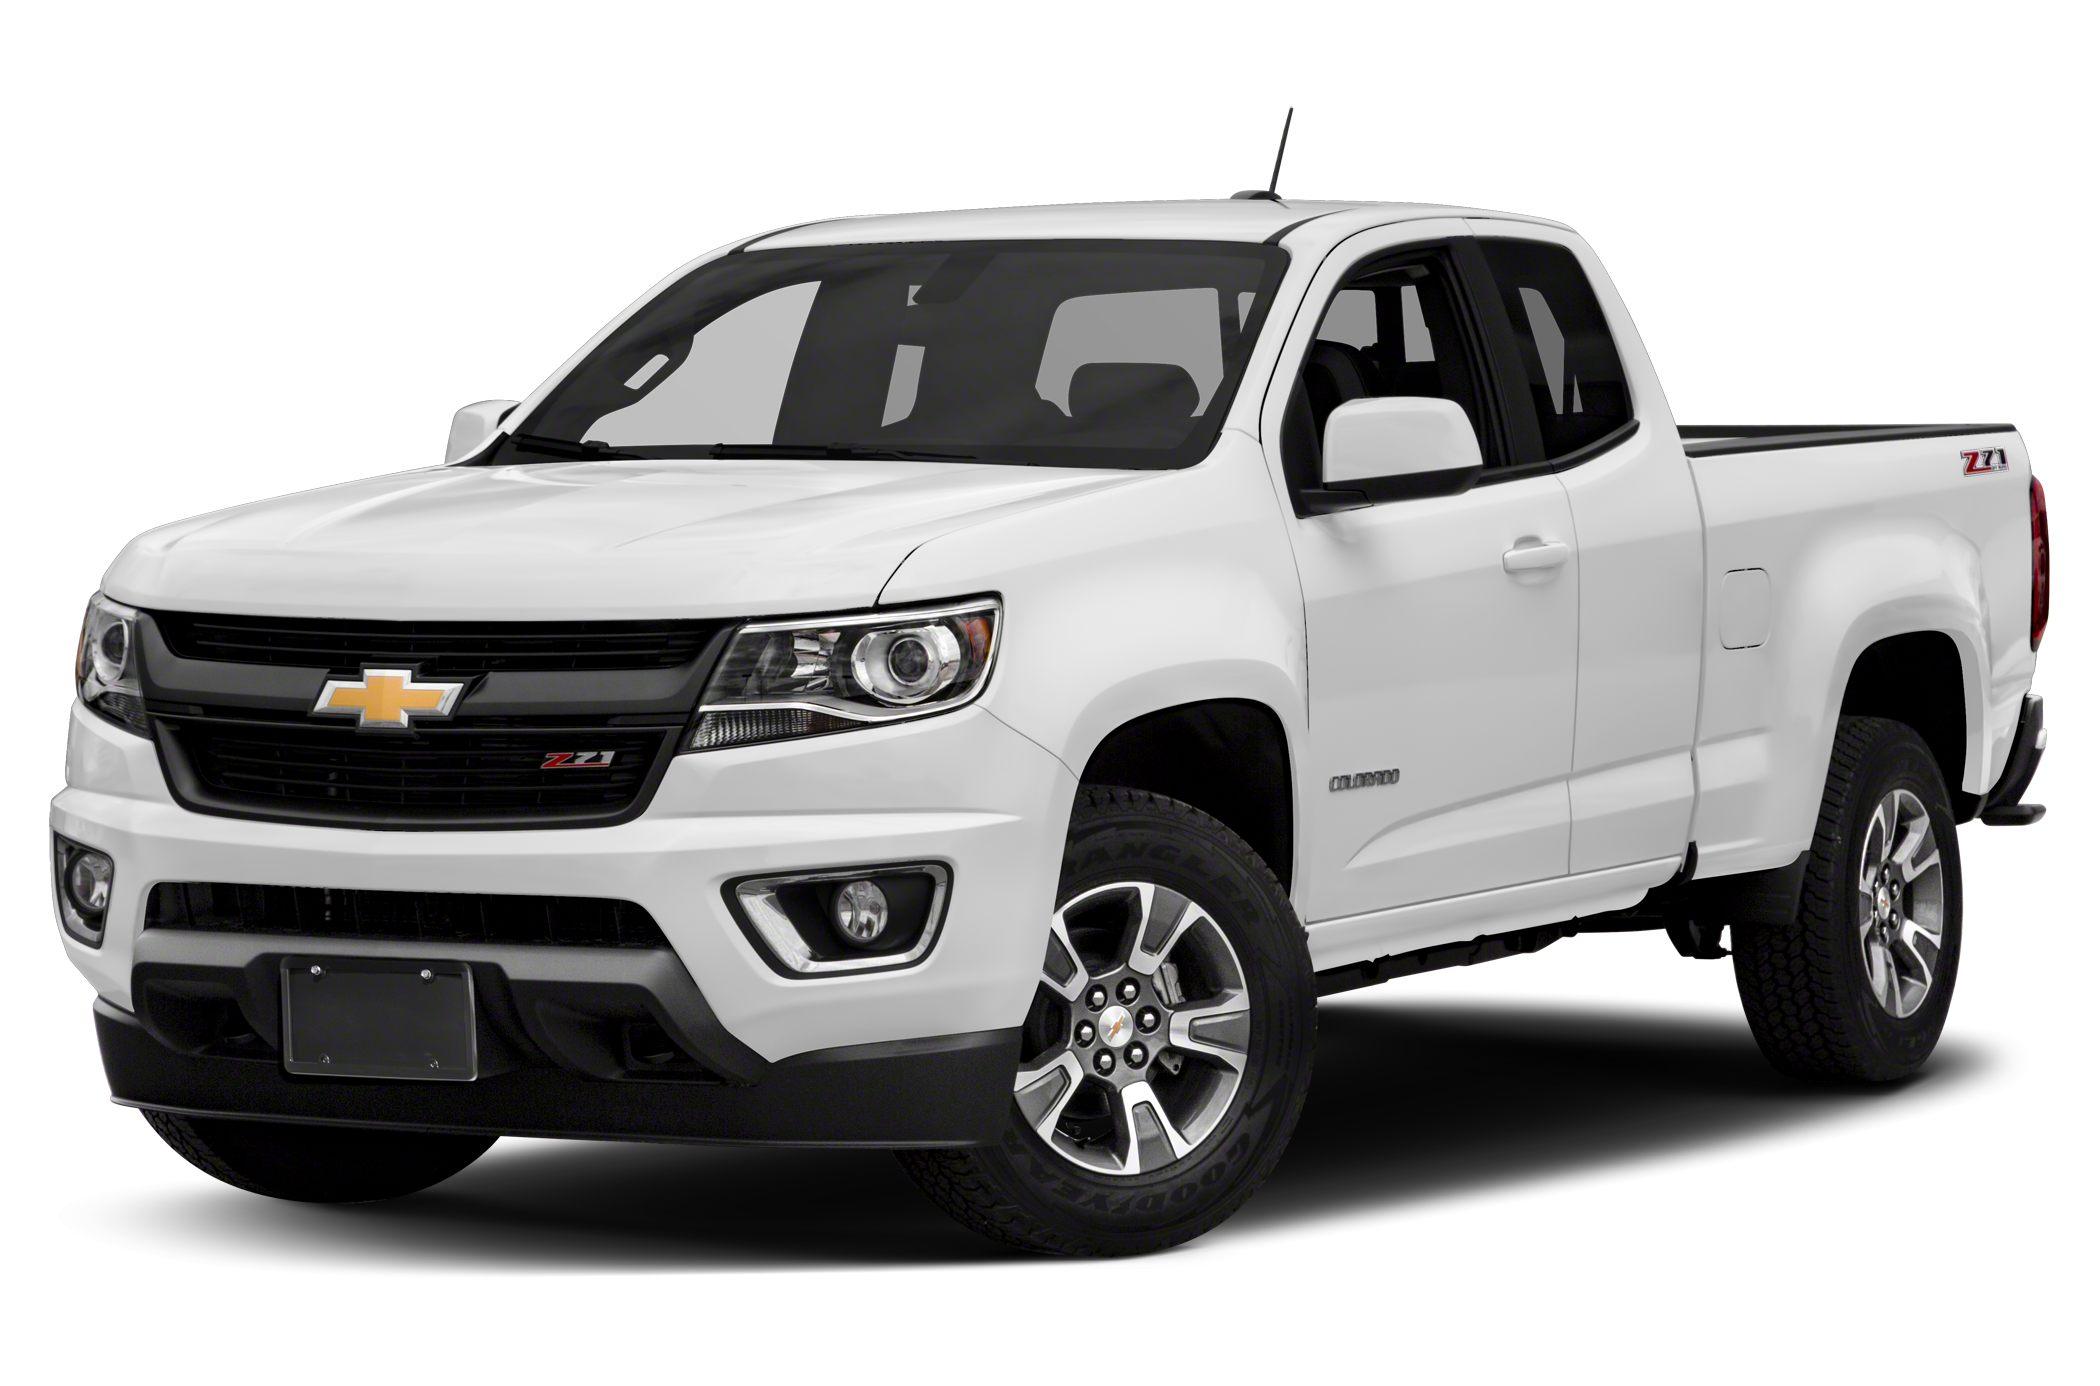 2015 Chevrolet Colorado Z71 Miles 15736Stock F1112198 VIN 1GCHSCE37F1112198